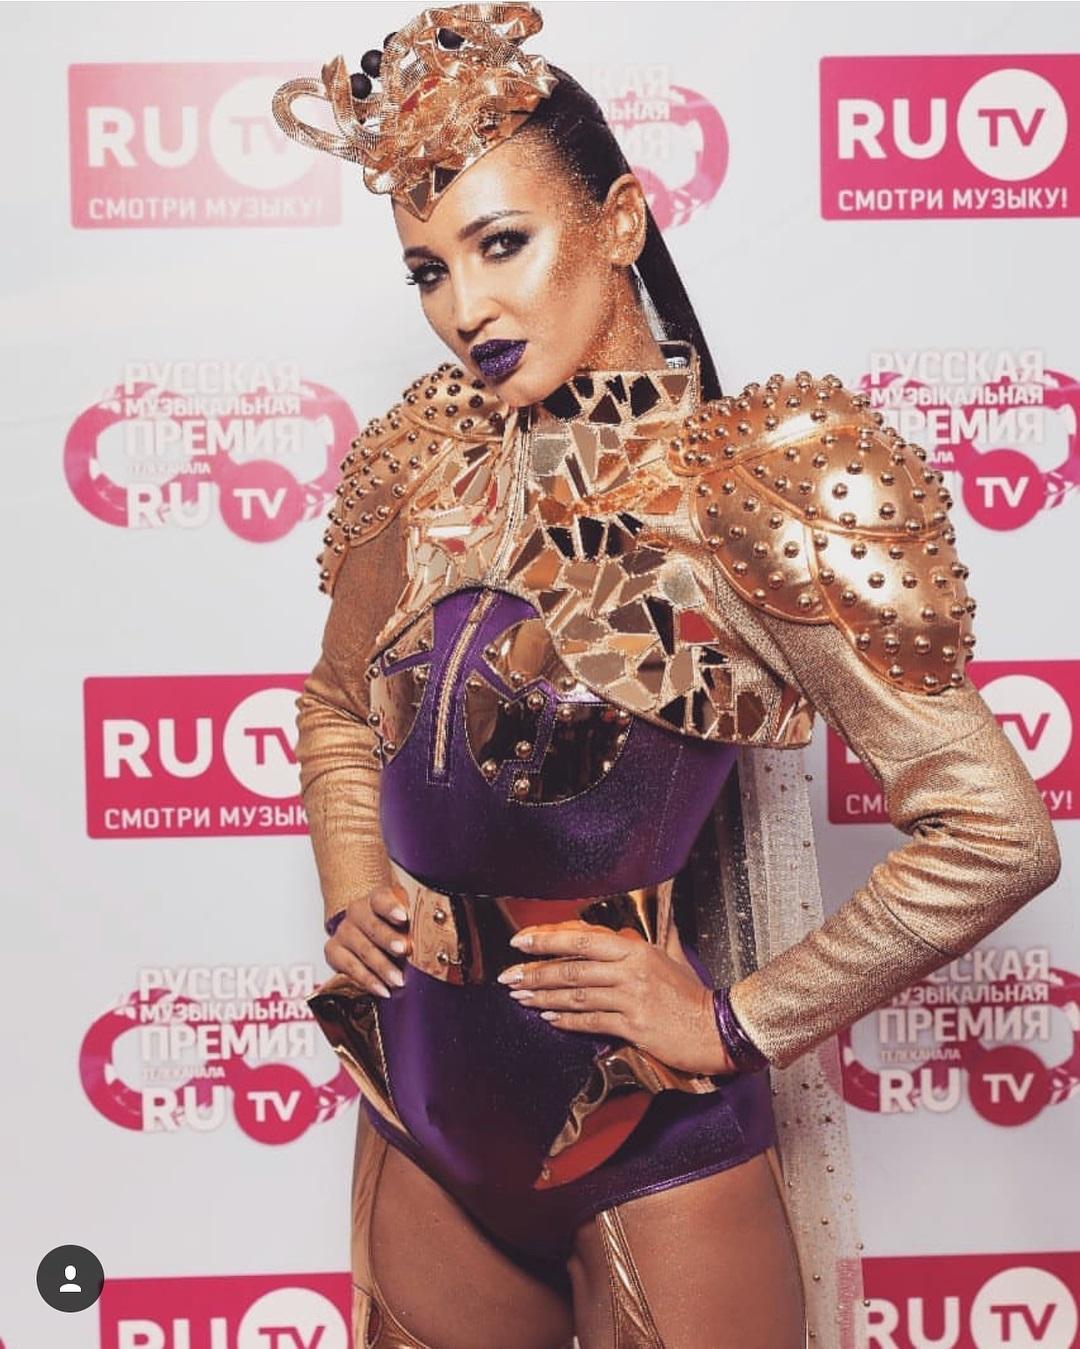 Дух Агузаровой: самый странный образ Ольги Бузовой на премии Ru.TV